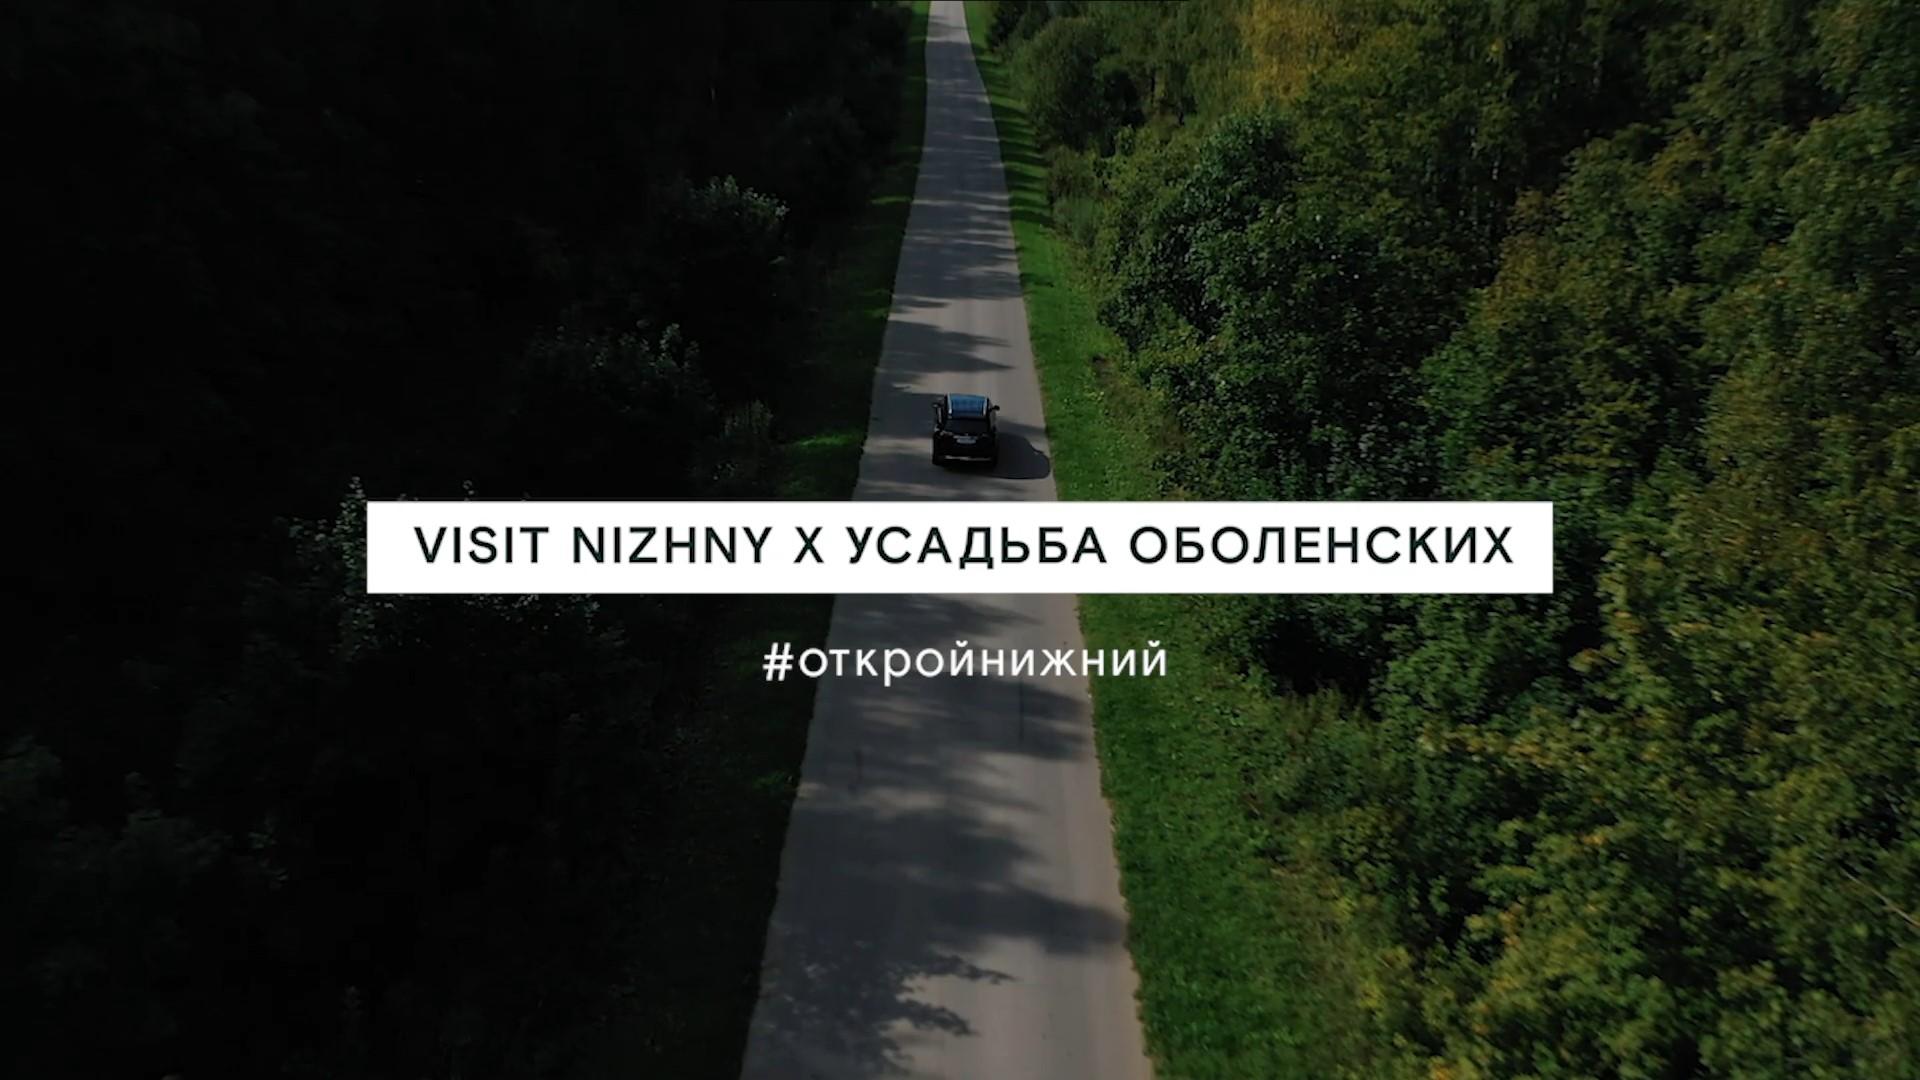 Посетить замок Оболенских в Воротынском районе Нижегородской области теперь можно в онлайн-режиме